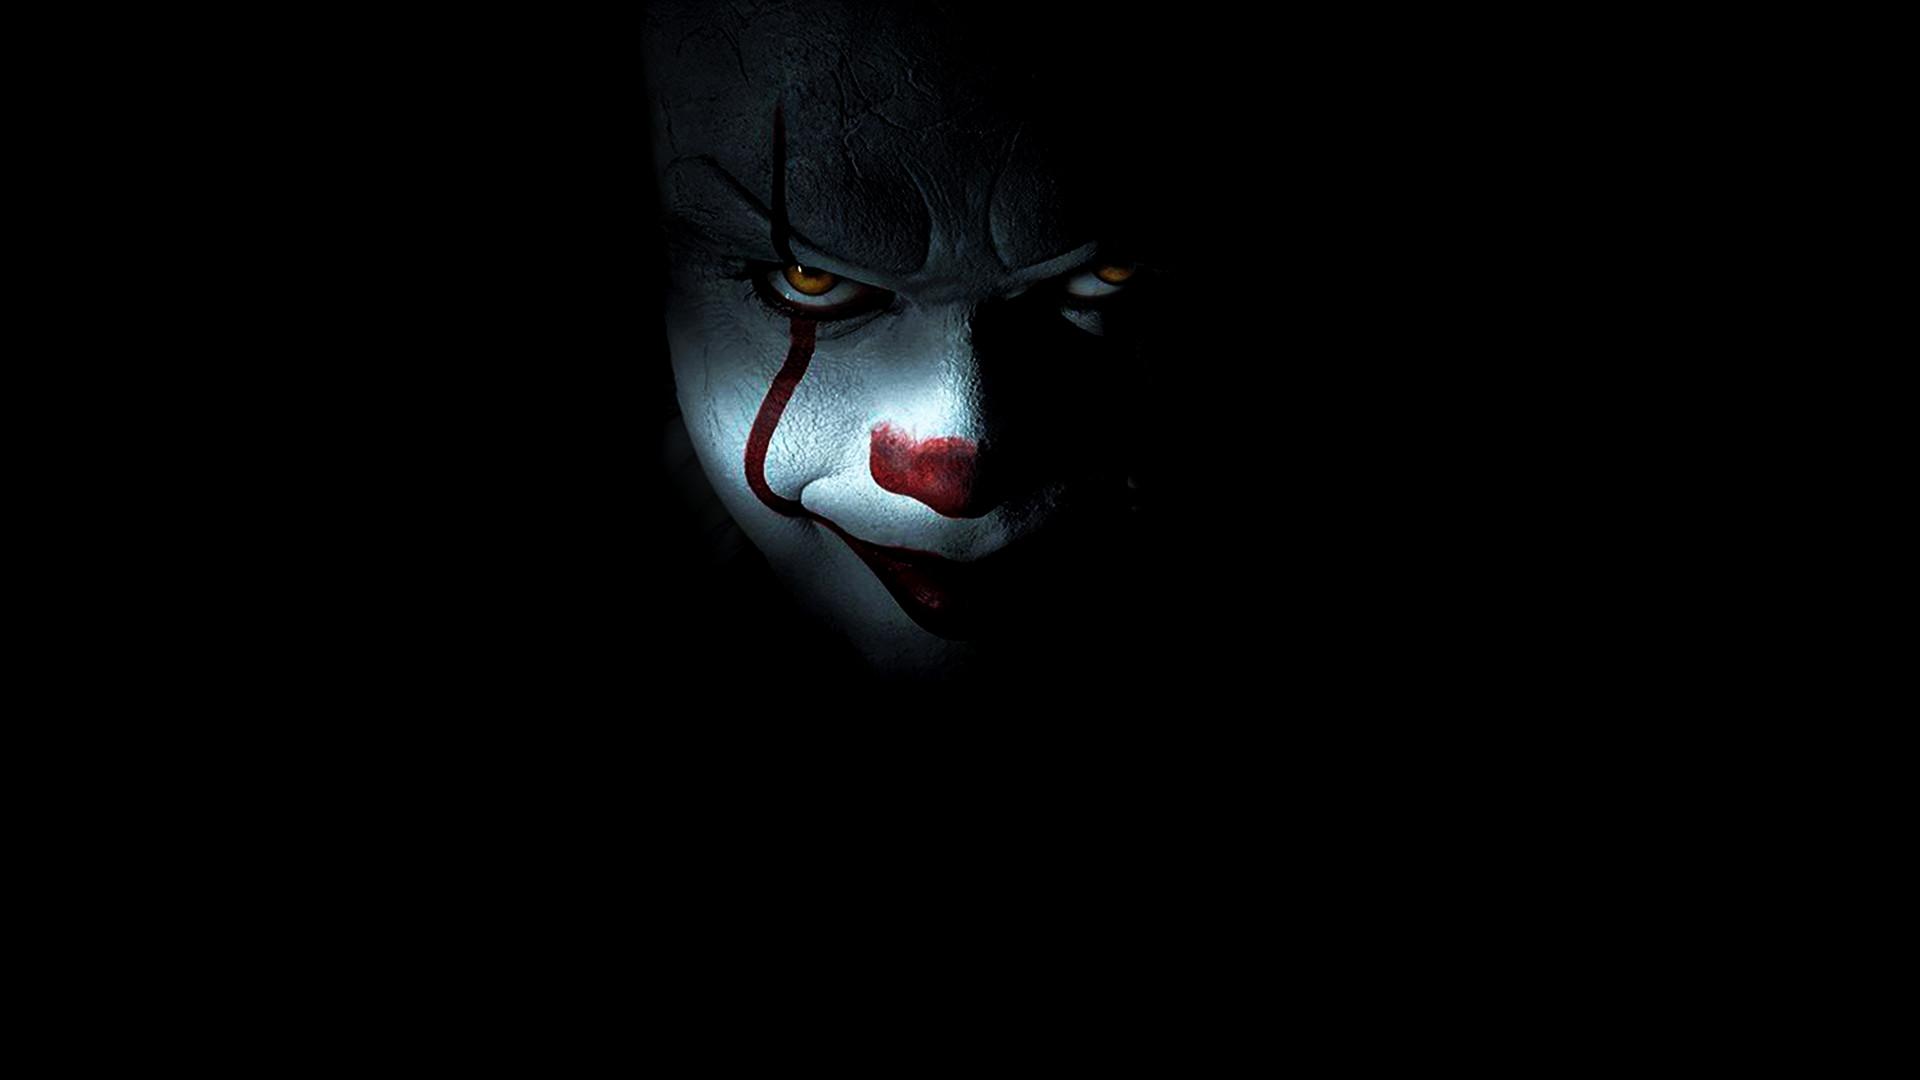 Filme – It (2017) It (Movie) Gruselig Clown Horror Pennywise (It